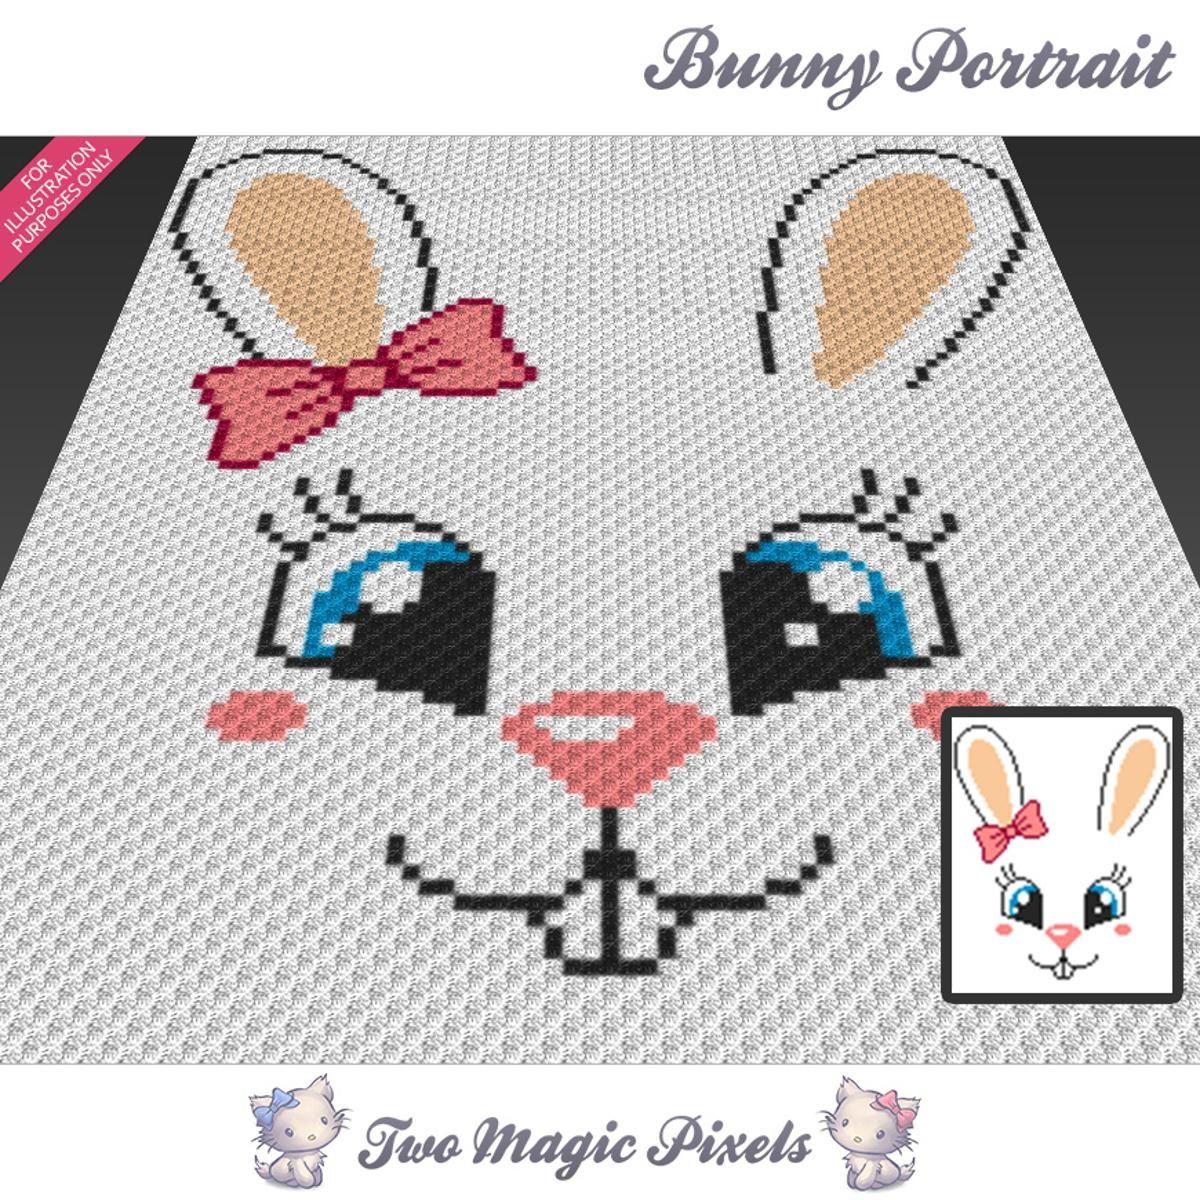 Bunny Portrait C2C Crochet Graph | Ganchillo mantas, Mantas de bebes ...